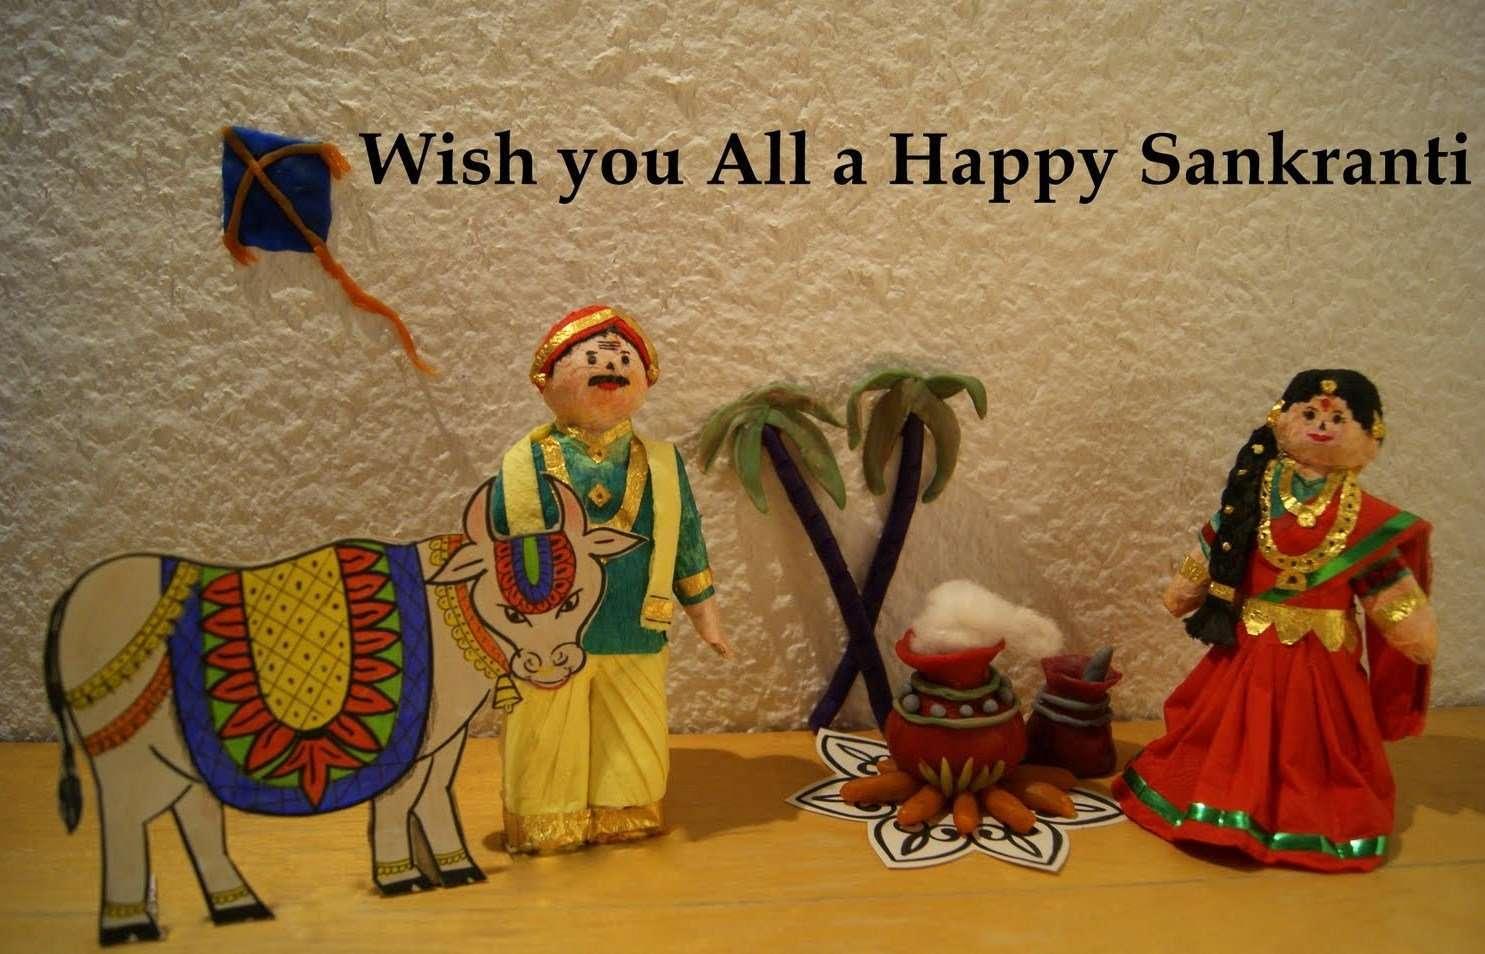 Happy Sankranthi Memories